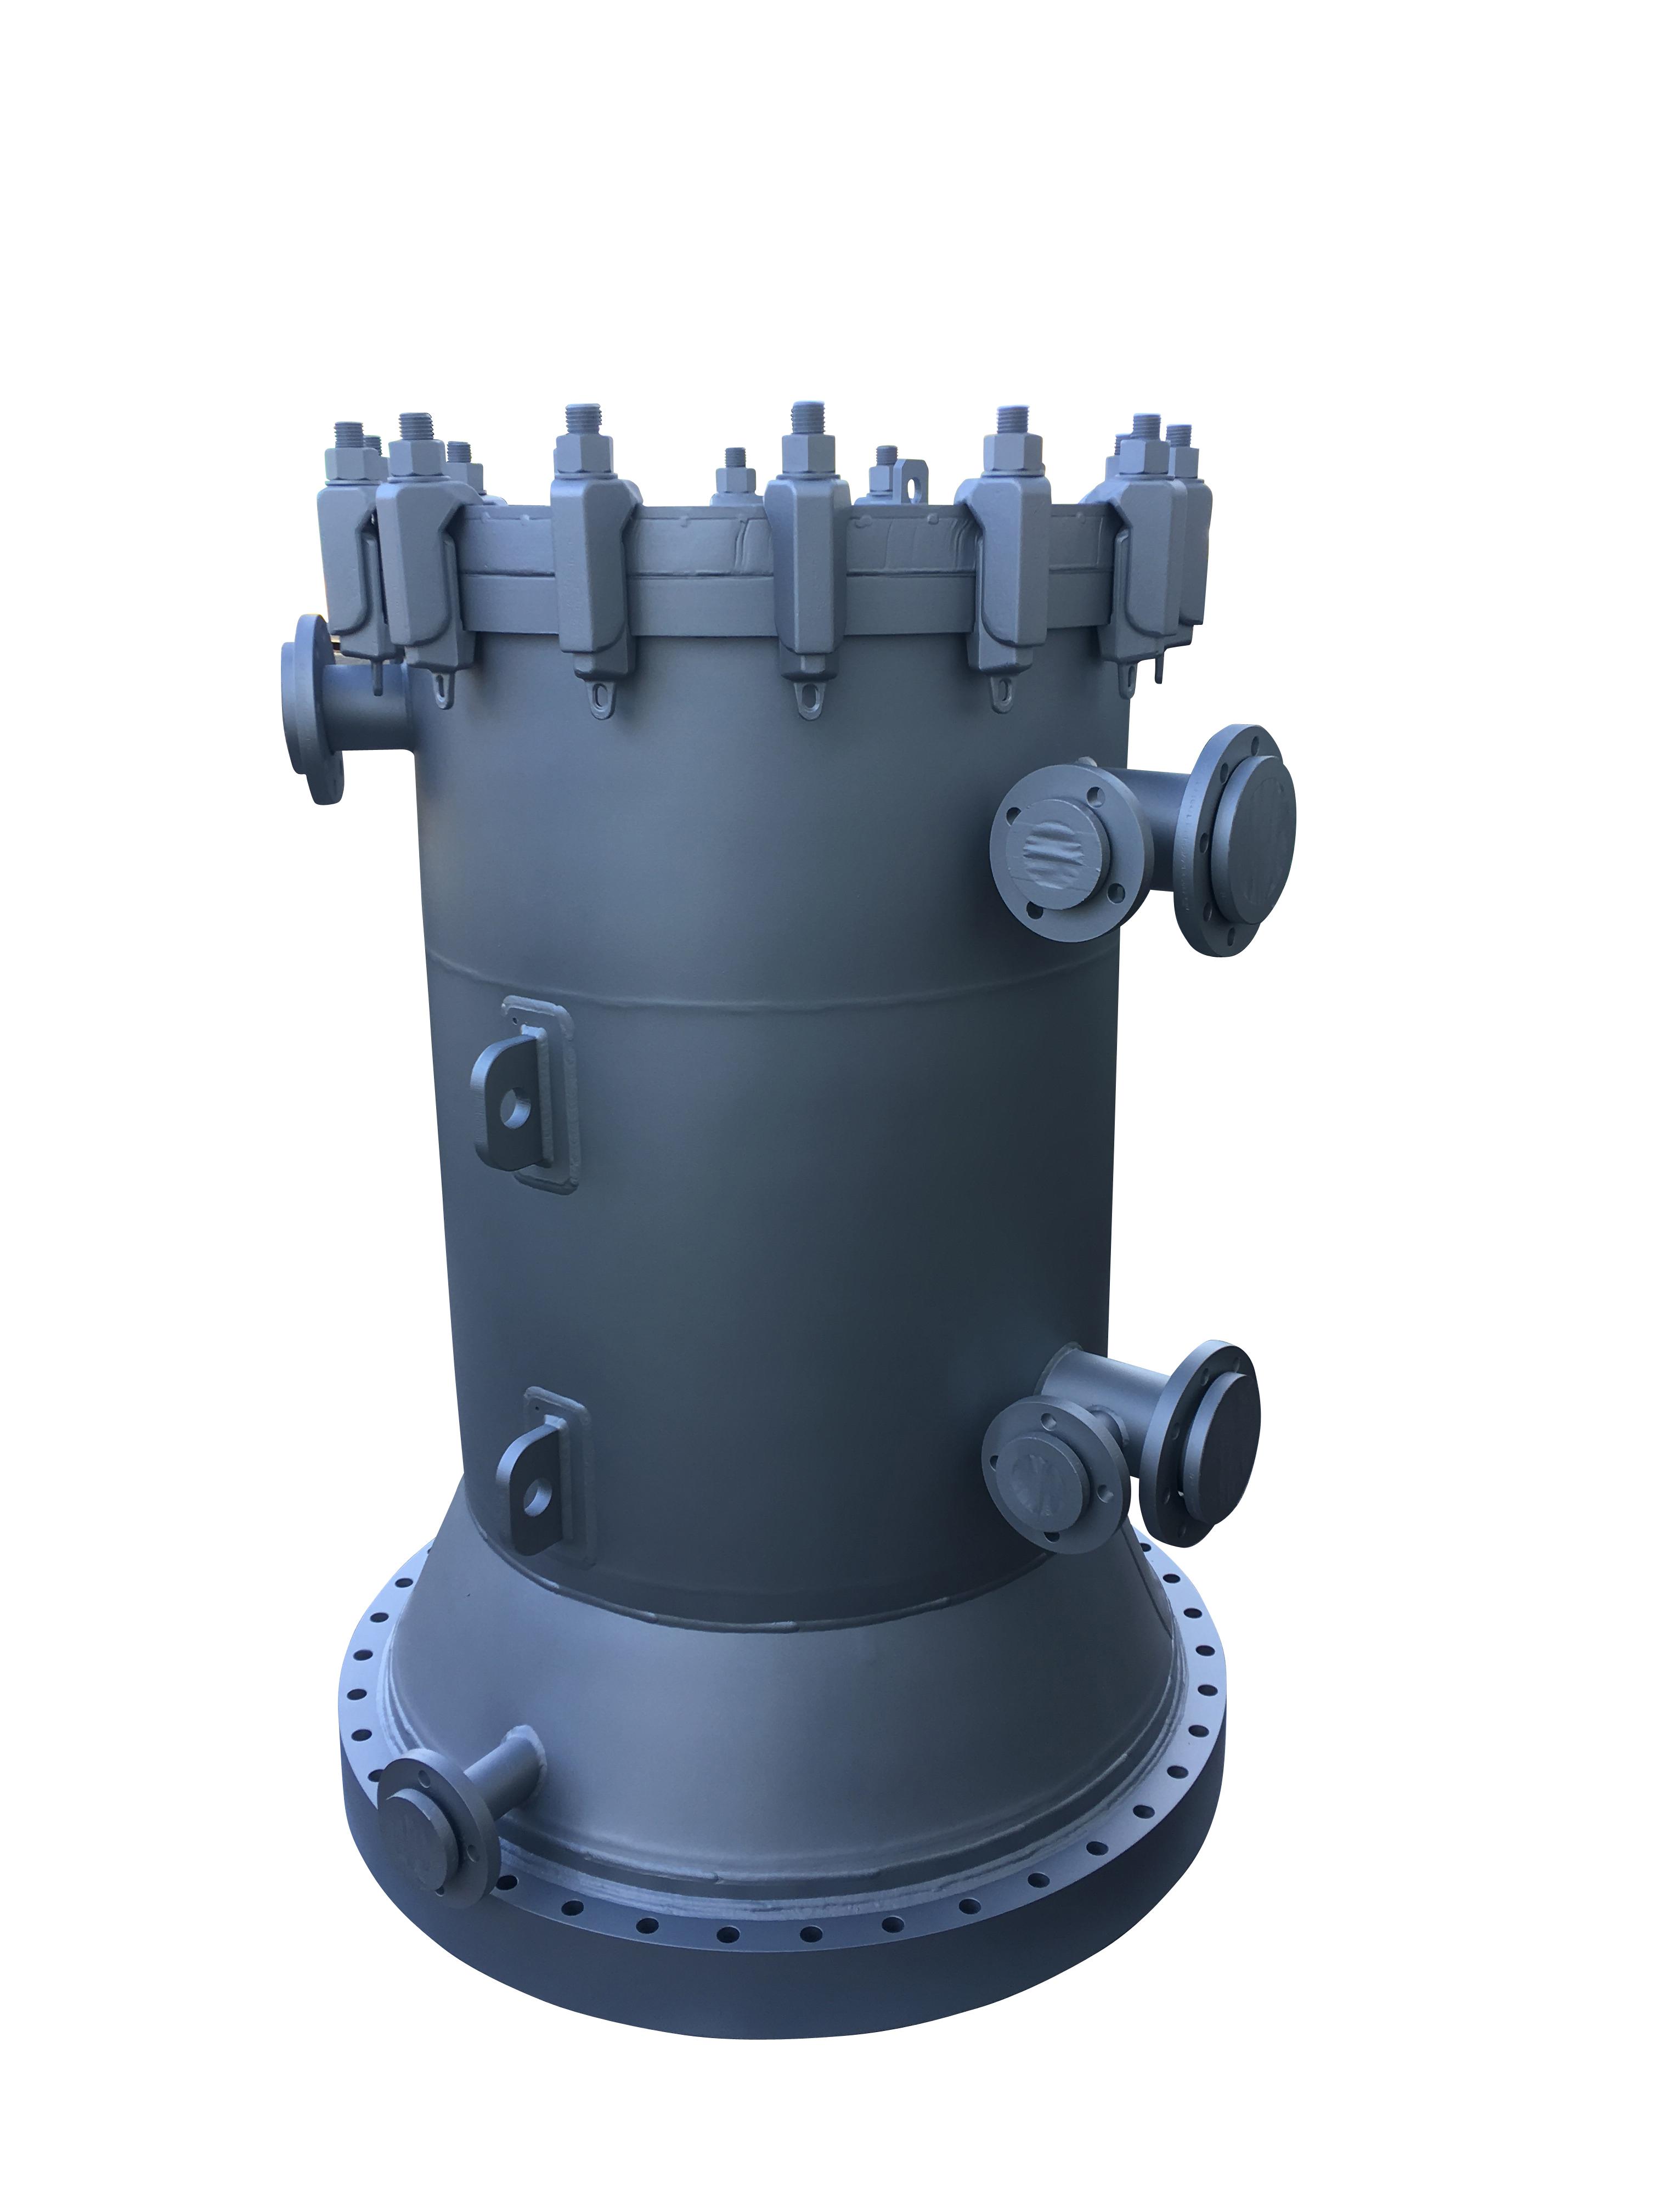 NEXSON GROUP - Echangeur spiralé Type 2 - Application Bi-phasique - Condenseur/Evaporateur